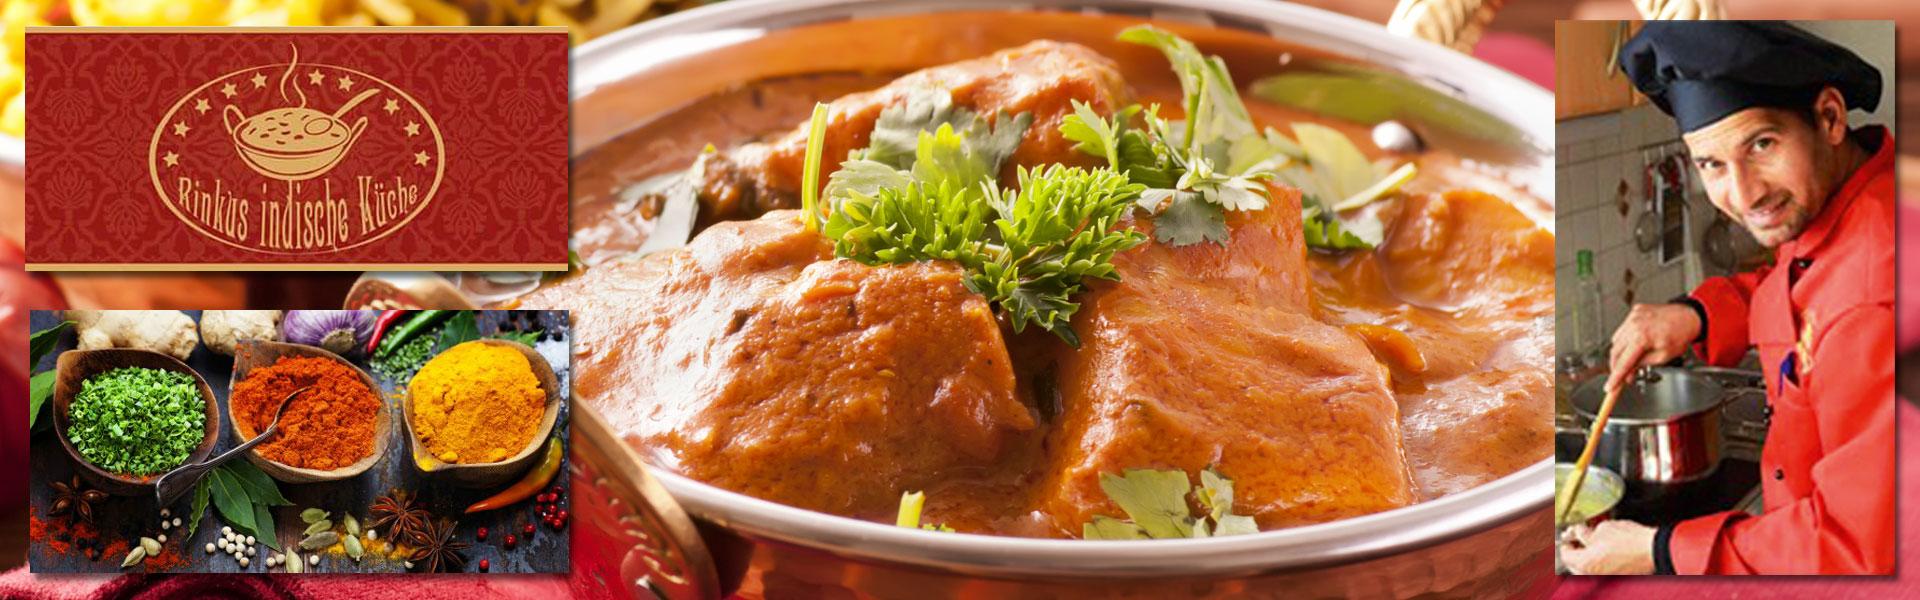 Rinkus indische Küche